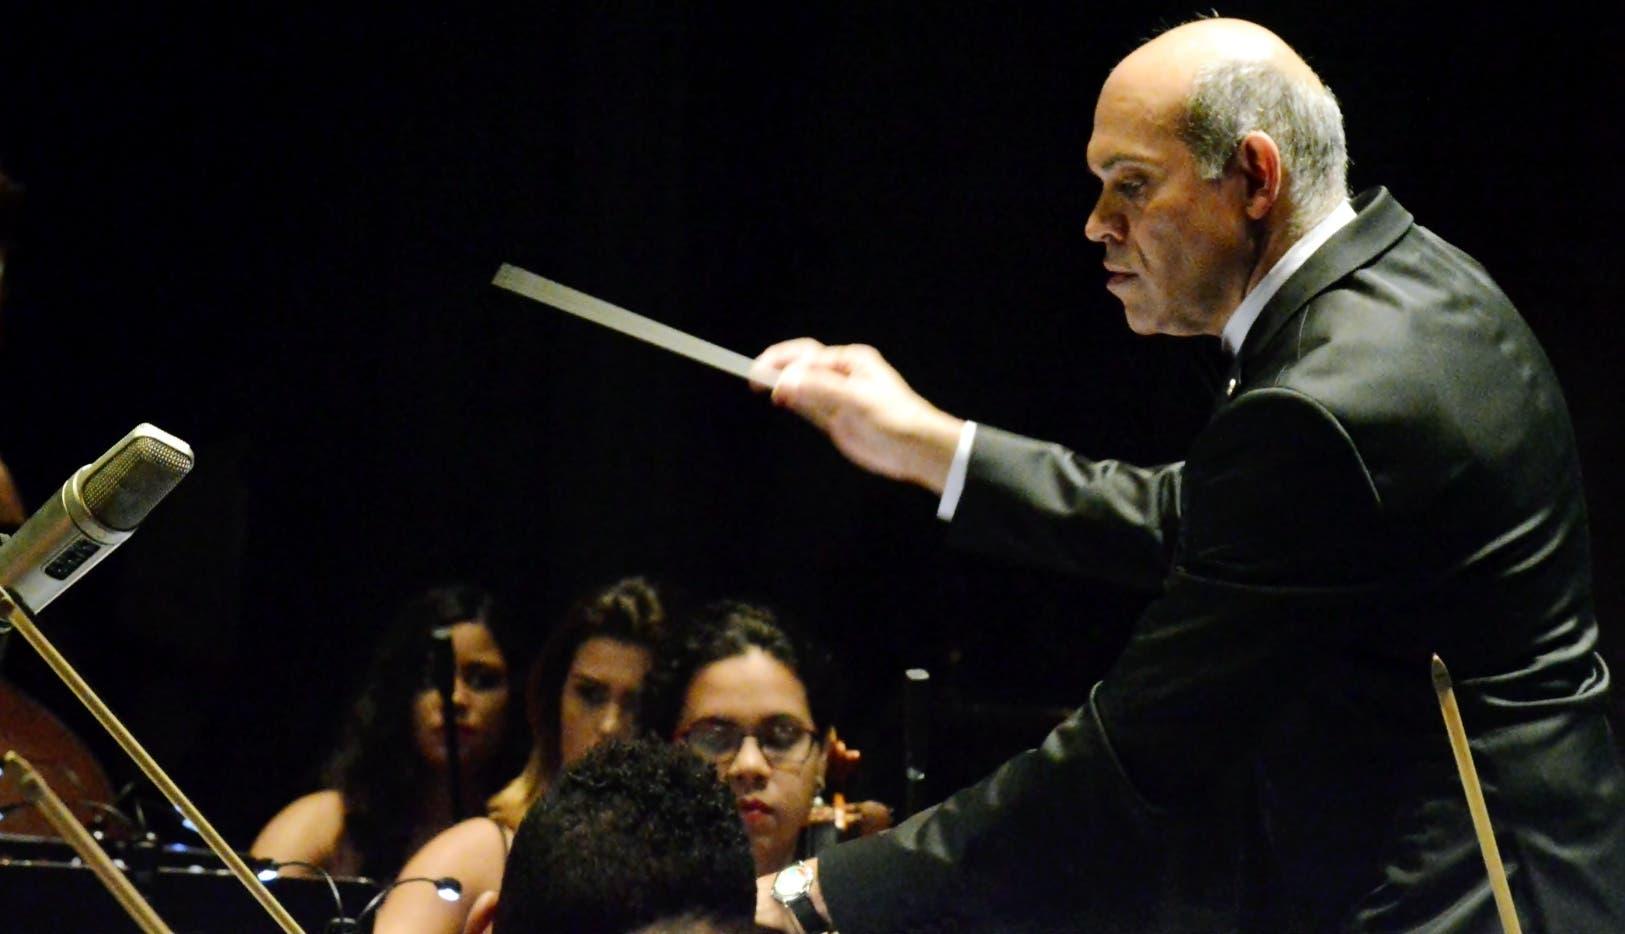 Amaury Sánchez contó que este ha sido uno de los años que más ha trabajado en producir música.